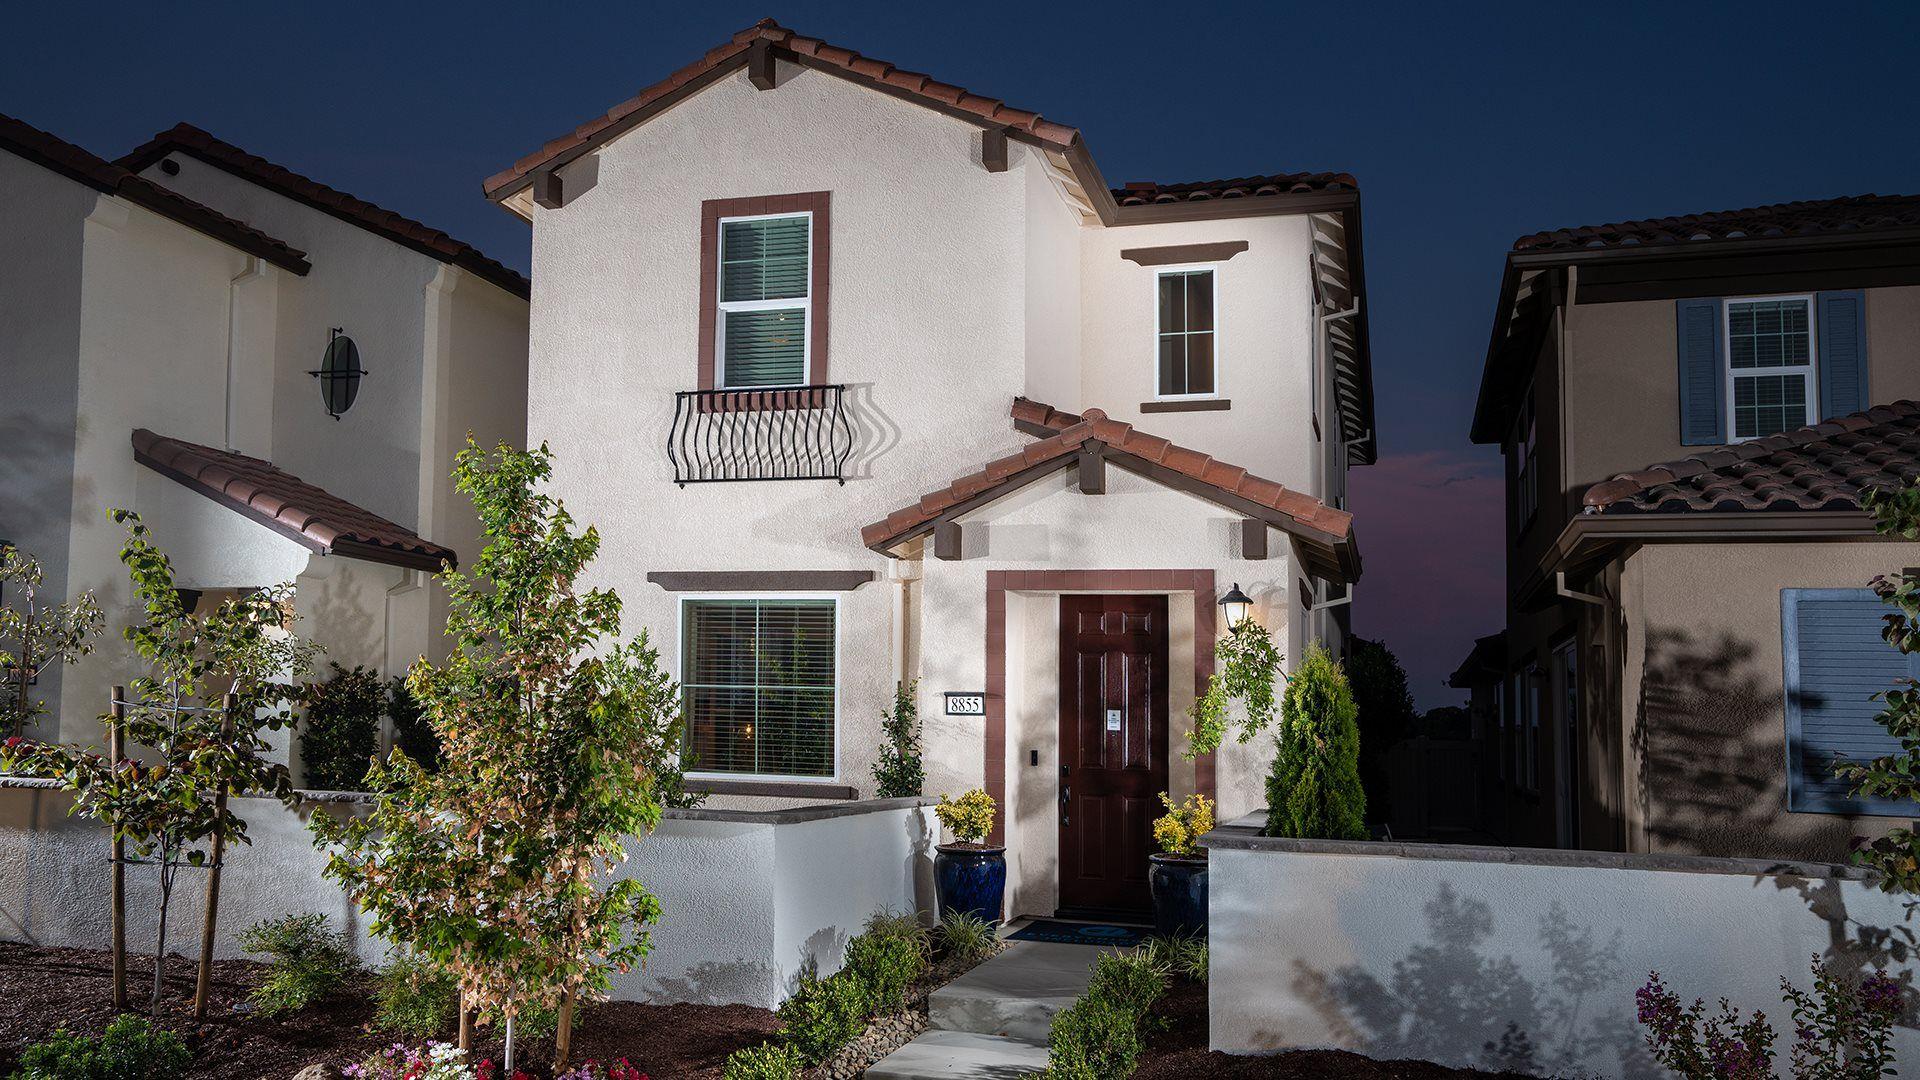 Residence 1408 | Model Home